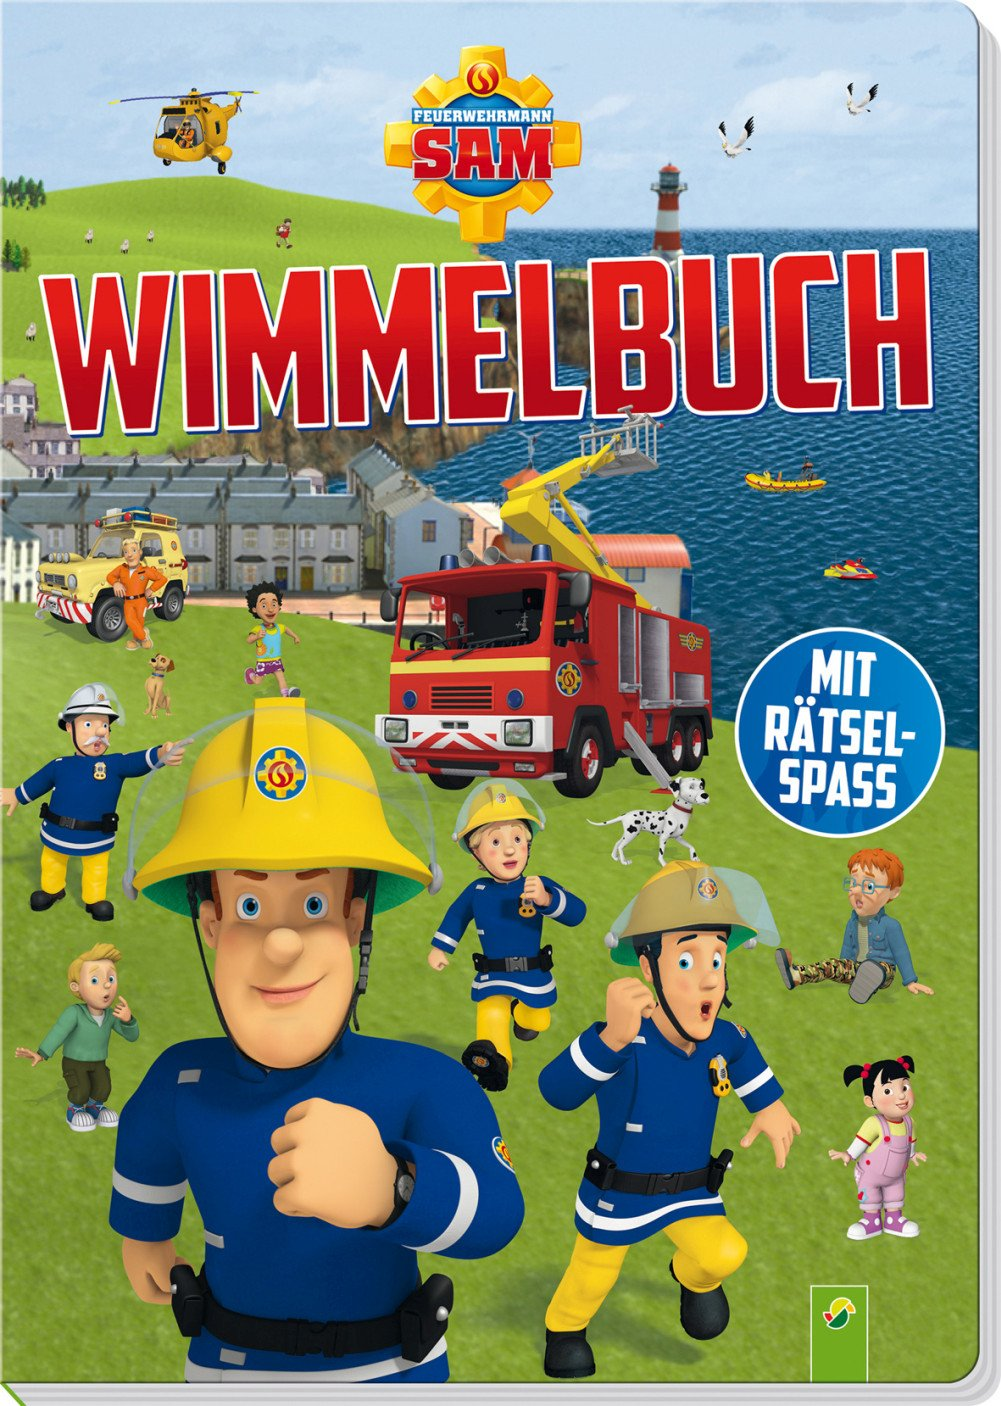 Feuerwehrmann Sam Wimmelbuch: Mit Rätselspaß Pappbilderbuch – 15. Januar 2018 Schwager & Steinlein 3849915638 empfohlenes Alter: ab 3 Jahre Bilderbuch / Wimmelbilderbuch